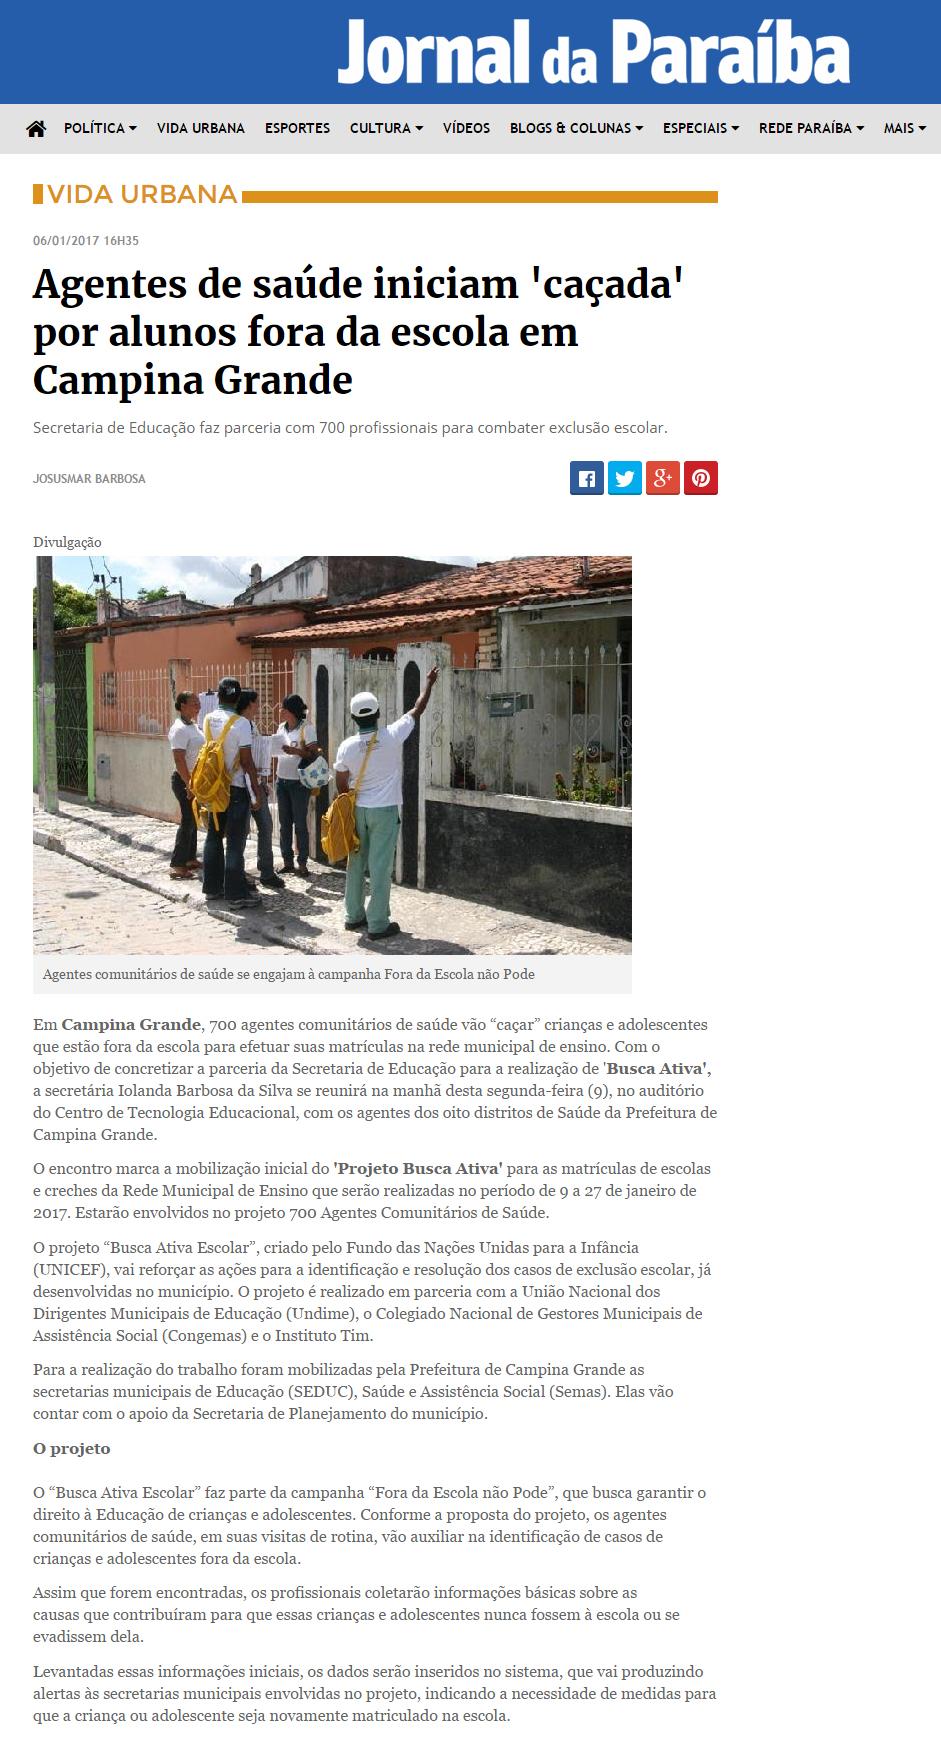 06_01_2017-agentes-de-saude-iniciam-cacada-por-alunos-fora-da-escola-em-campina-grande-vida-urbana-jornal-da-paraiba